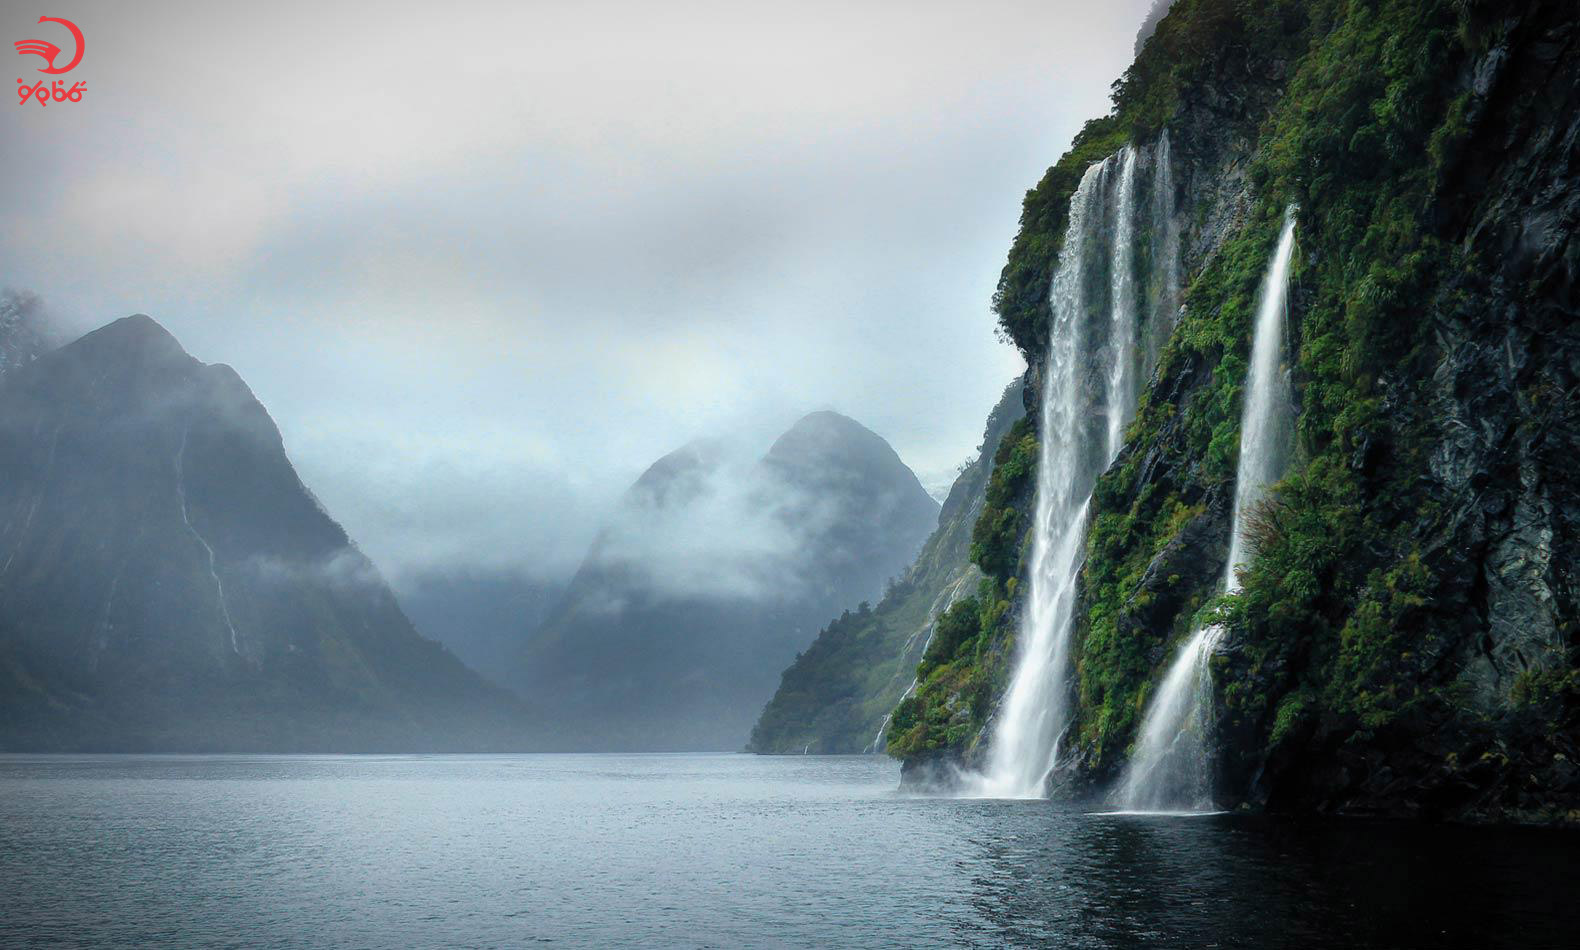 منطقه صدای مشکوک نیوزیلند